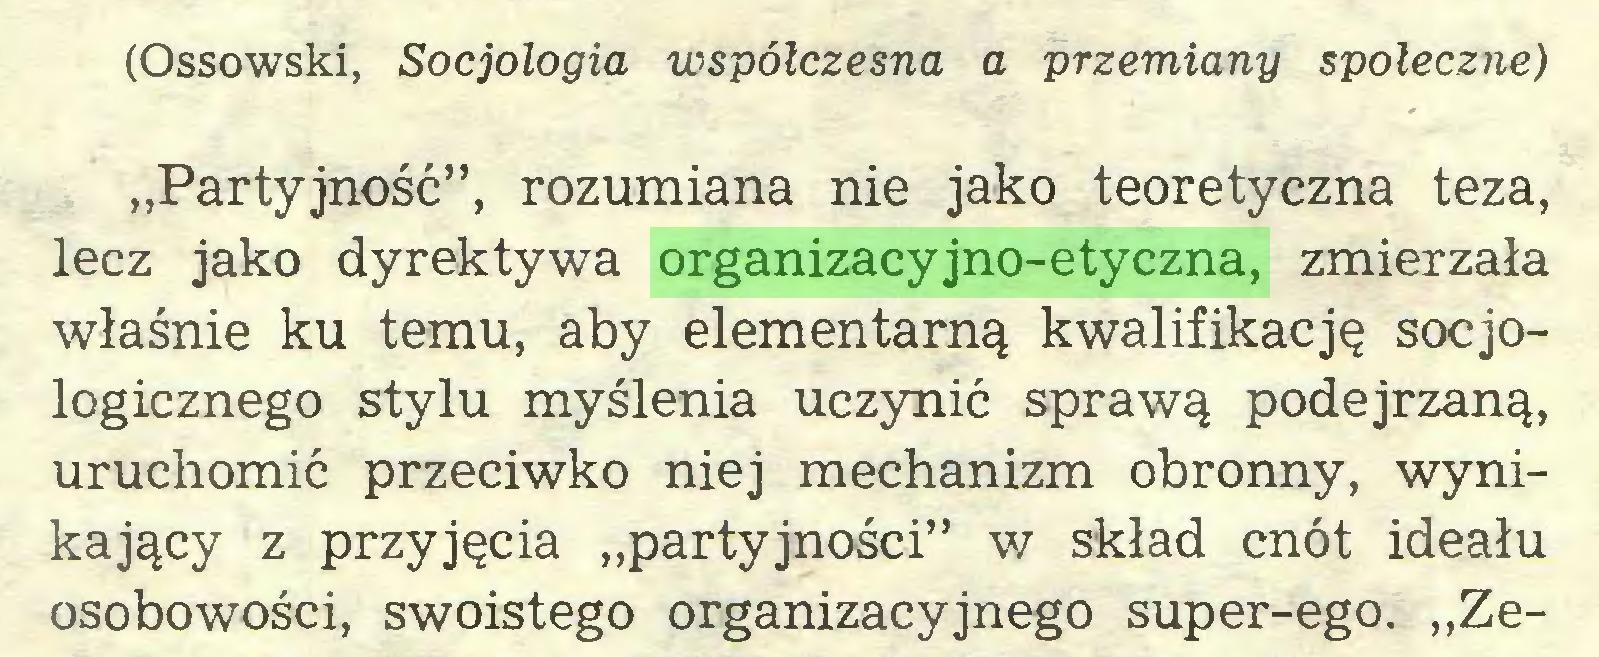 """(...) (Ossowski, Socjologia współczesna a przemiany społeczne) """"Partyjność"""", rozumiana nie jako teoretyczna teza, lecz jako dyrektywa organizacyjno-etyczna, zmierzała właśnie ku temu, aby elementarną kwalifikację socjologicznego stylu myślenia uczynić sprawą podejrzaną, uruchomić przeciwko niej mechanizm obronny, wynikający z przyjęcia """"partyjności"""" w skład cnót ideału osobowości, swoistego organizacyjnego super-ego. """"Ze..."""